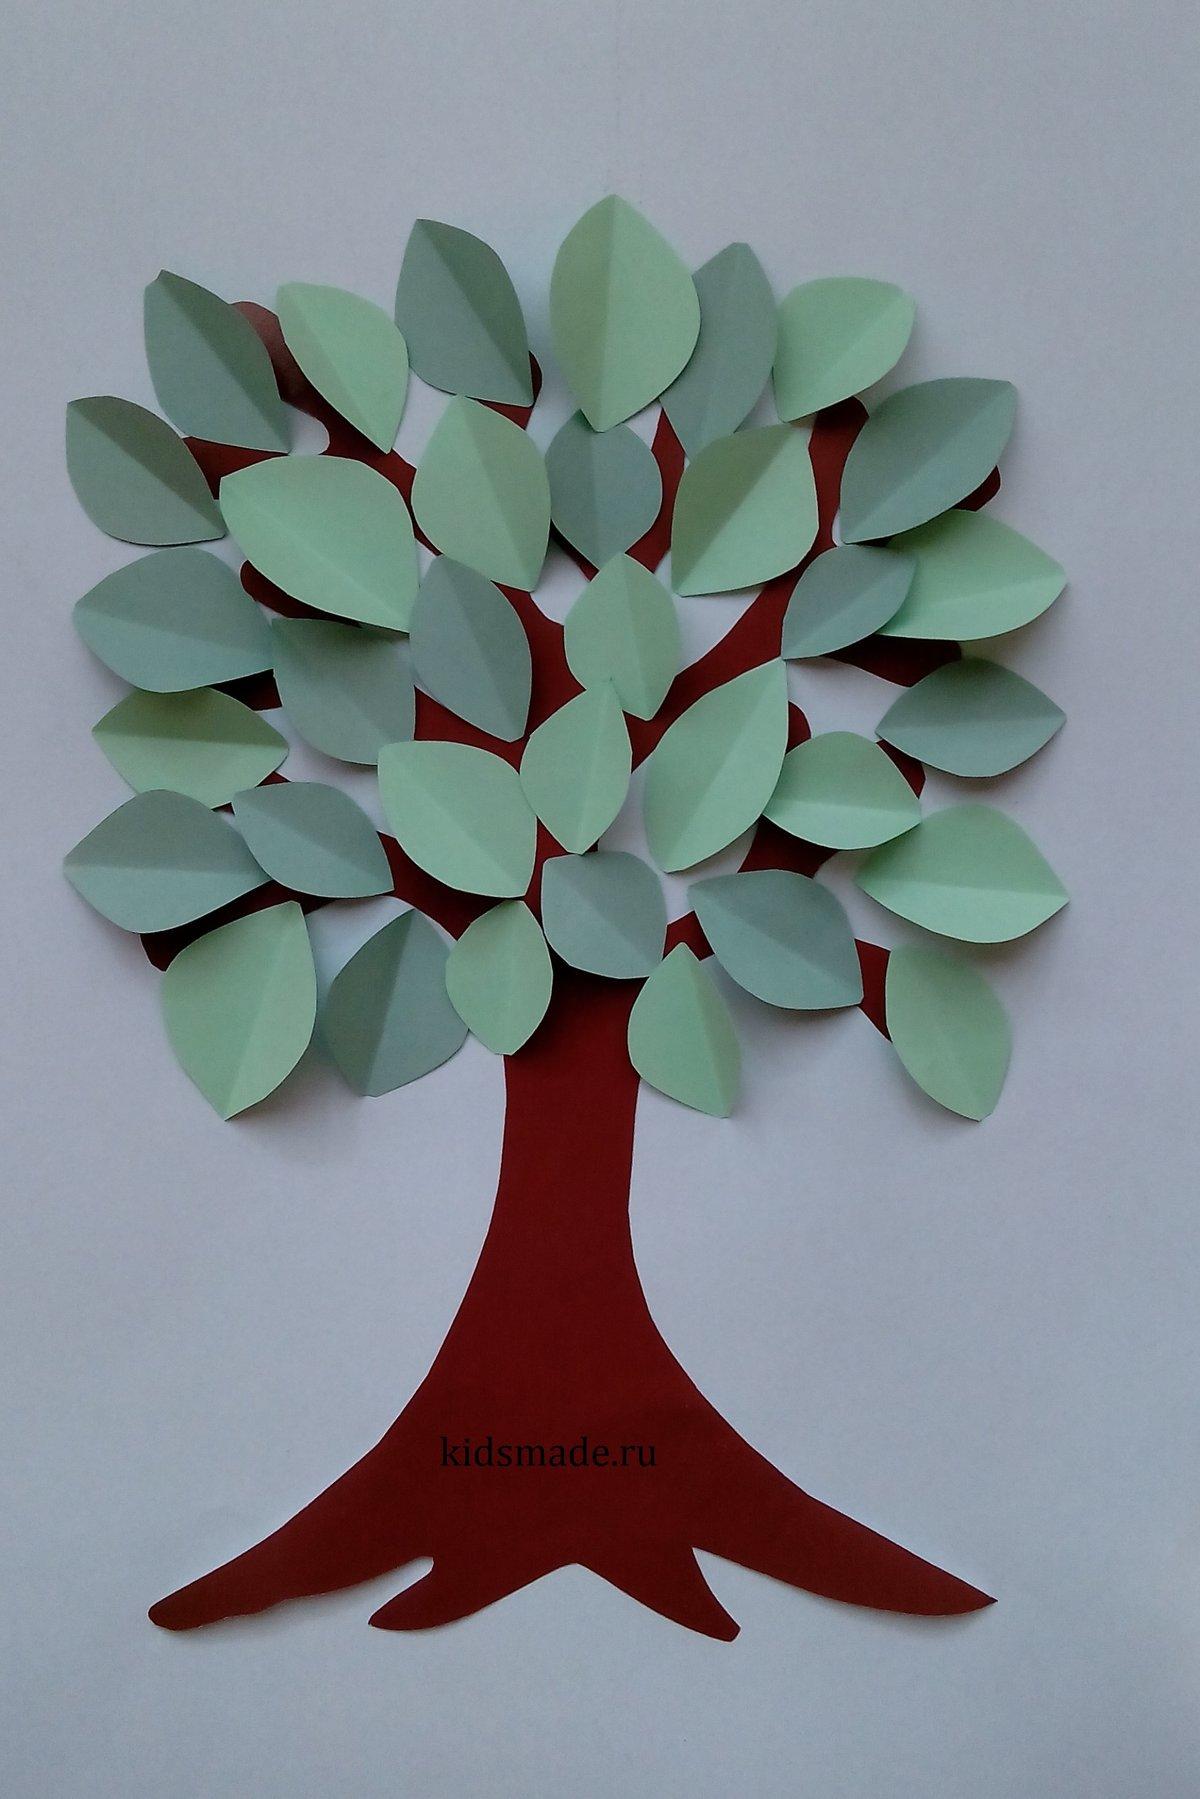 Открытка днем, как сделать из цветного картона лист дерева открытка